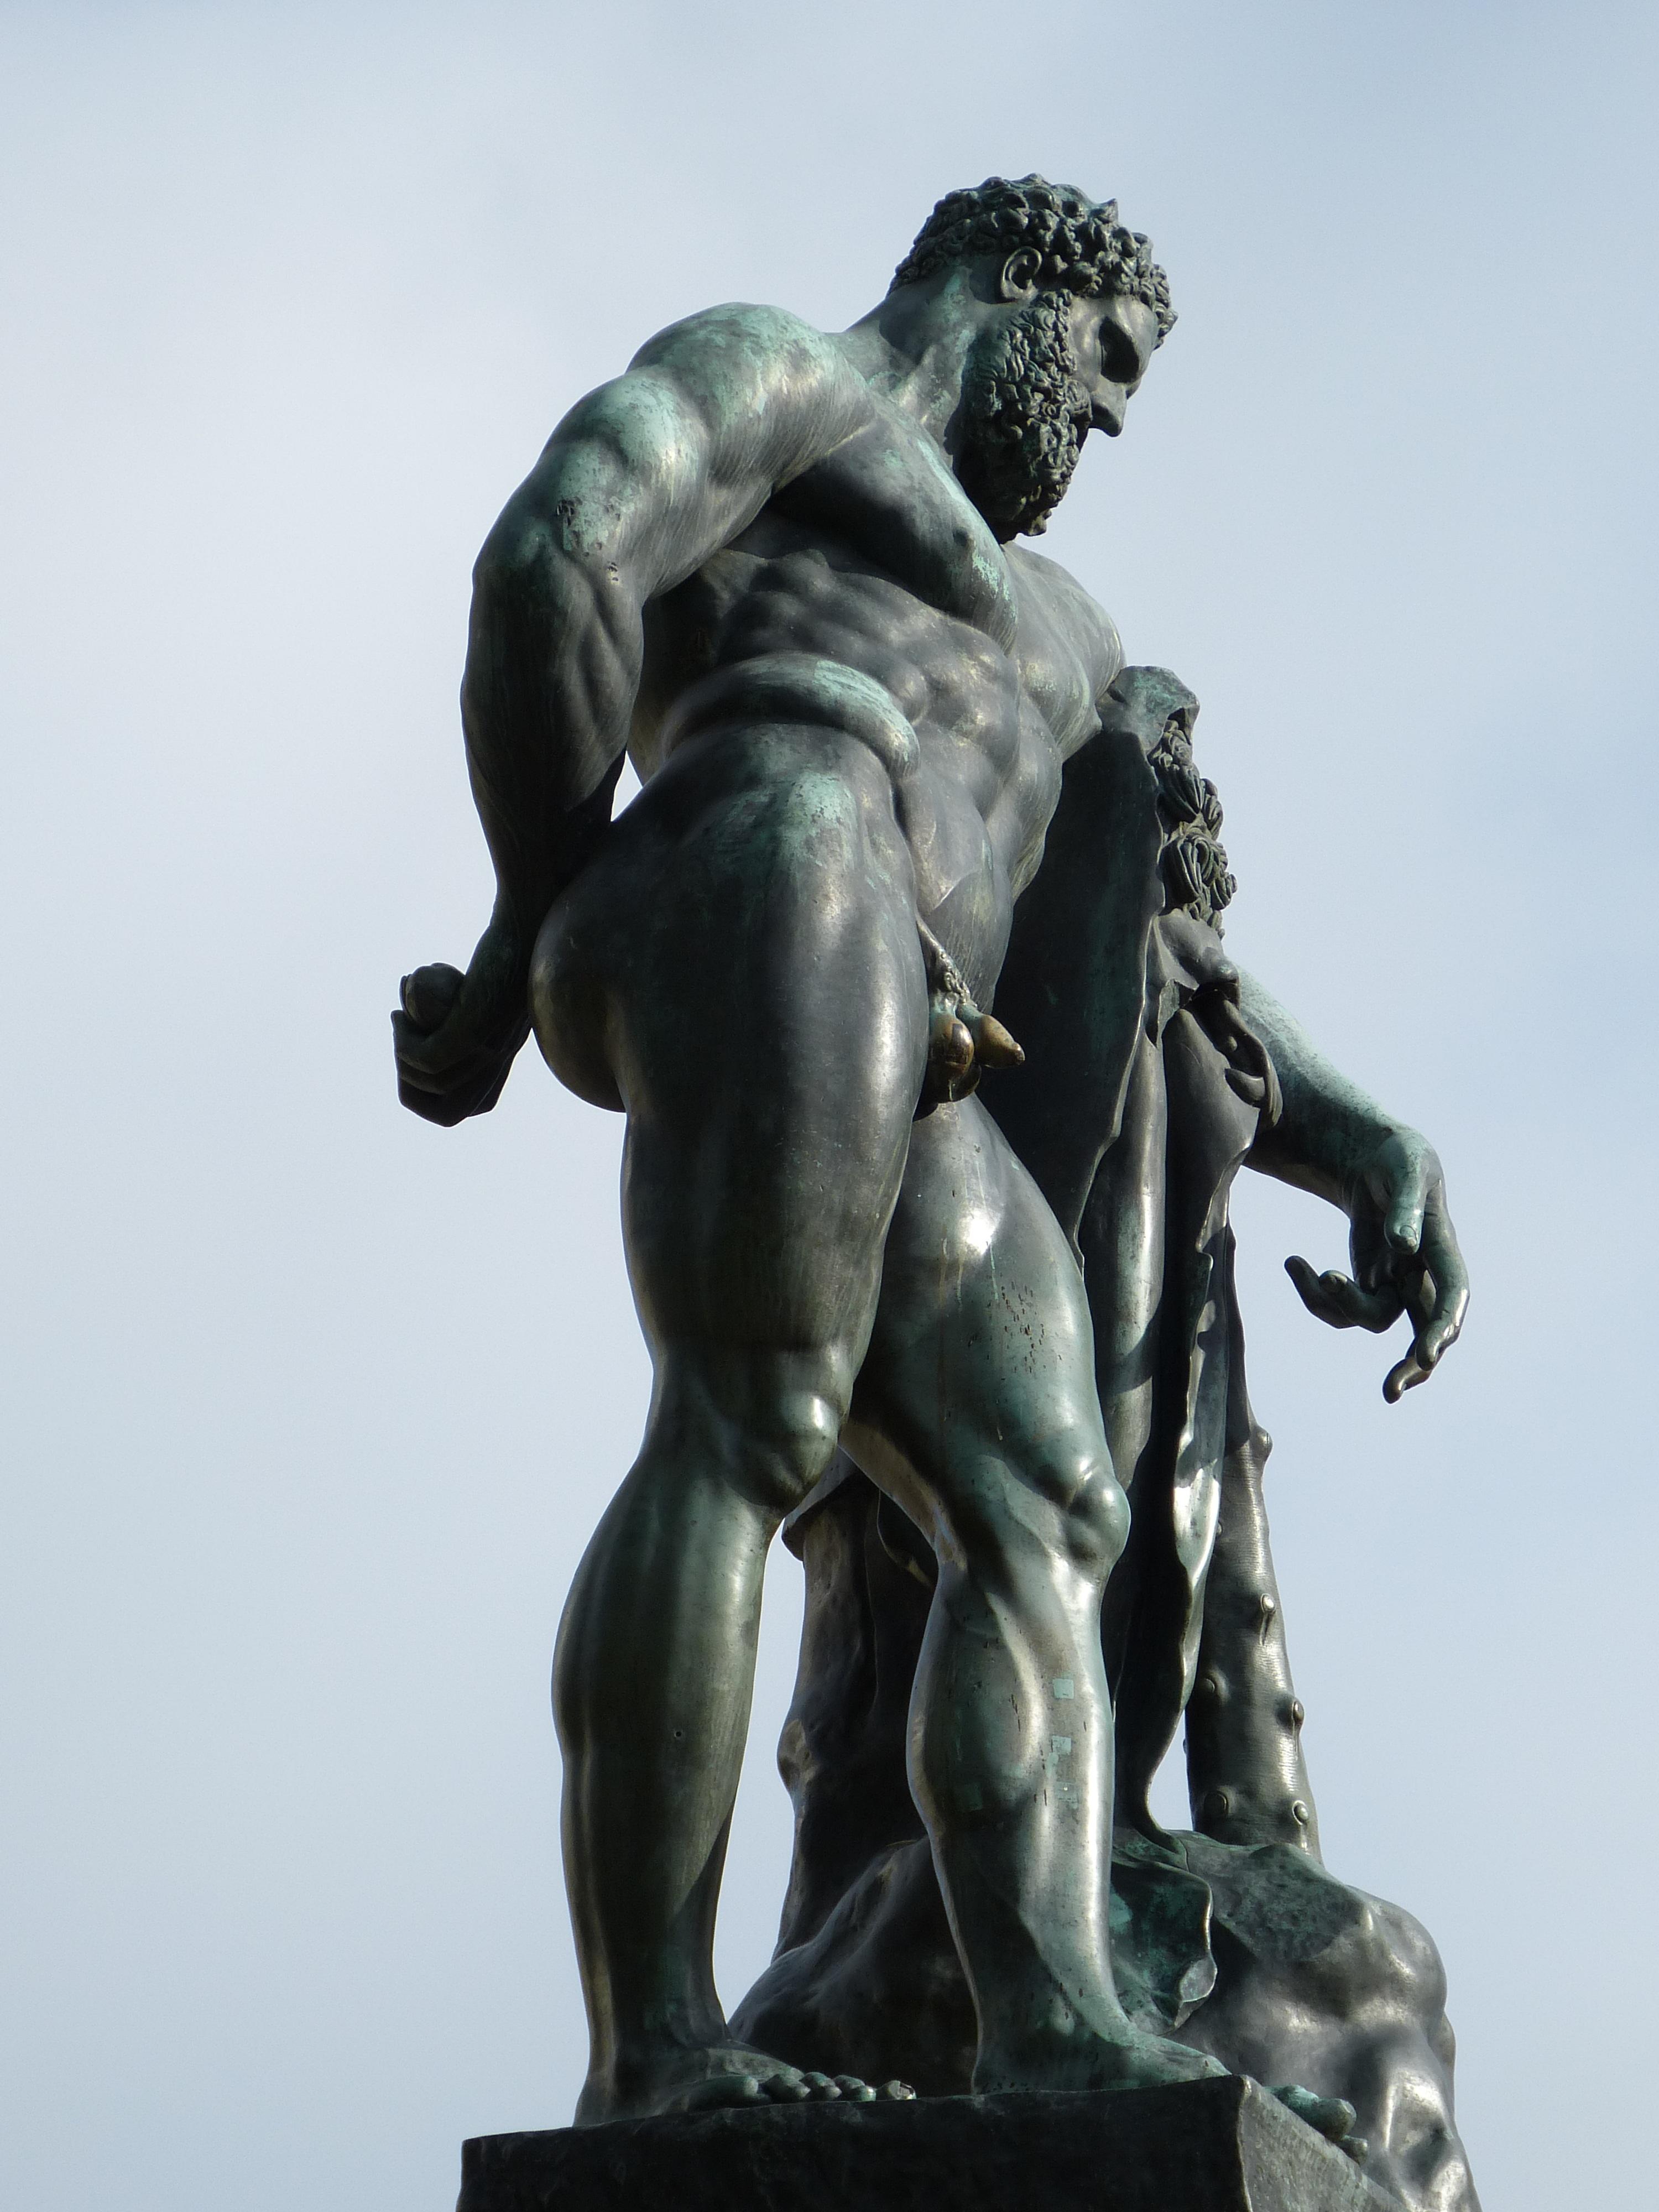 希腊数字素材_图片素材 : 人, 纪念碑, 雕像, 希腊语, 公园, 金属, 艺术, 数字 ...